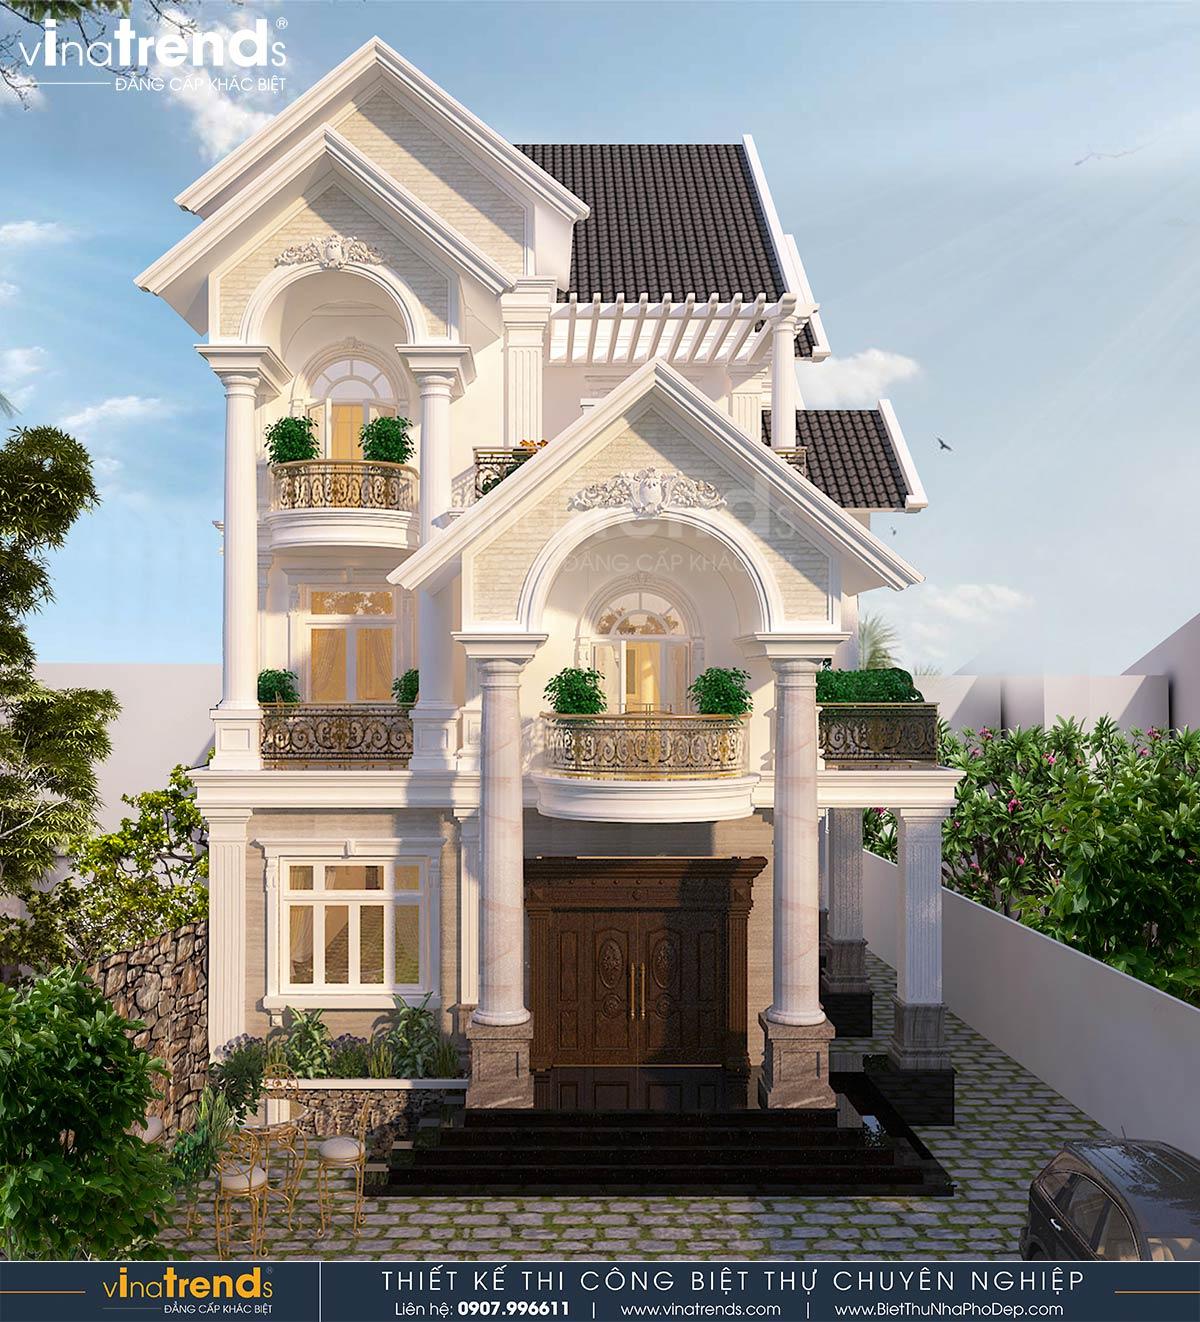 mau nha biet thu 3 tang co dien dep nhat Sắc đỏ biệt thự 2 tầng mái thái 8x18m bán cổ điển Pháp ở Cà Mau